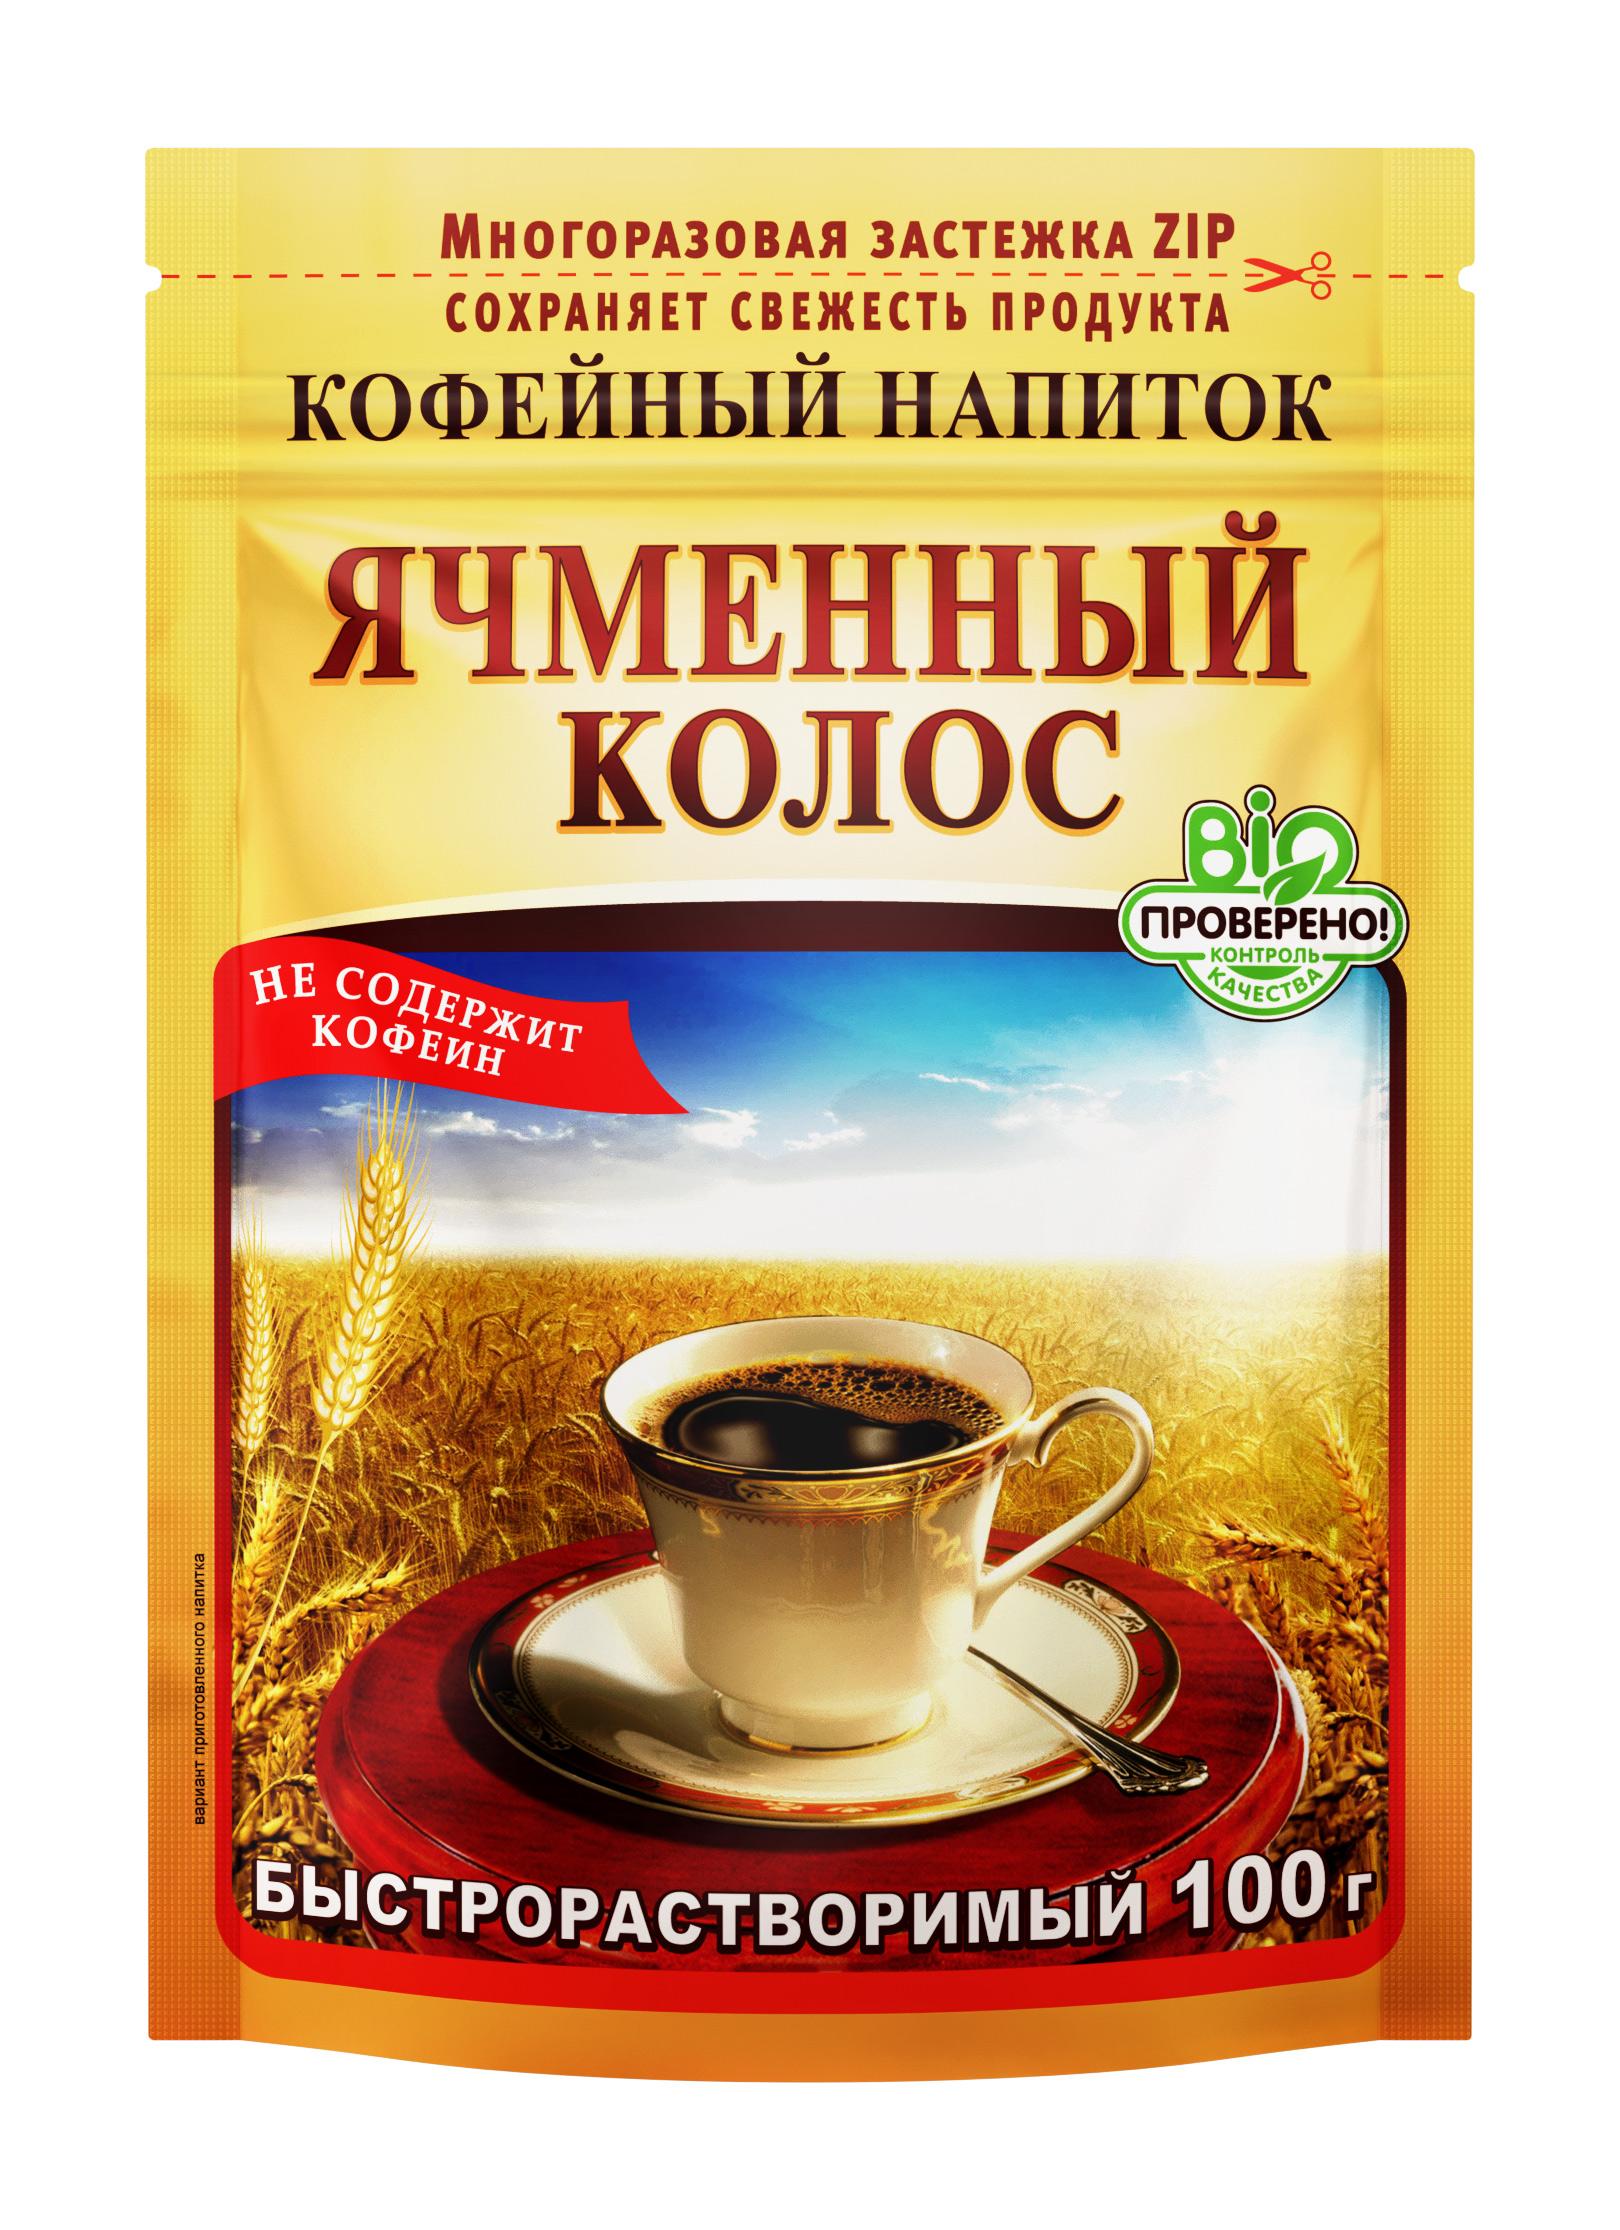 Фото Кофейный напиток порошок ЯЧМЕННЫЙ КОЛОС